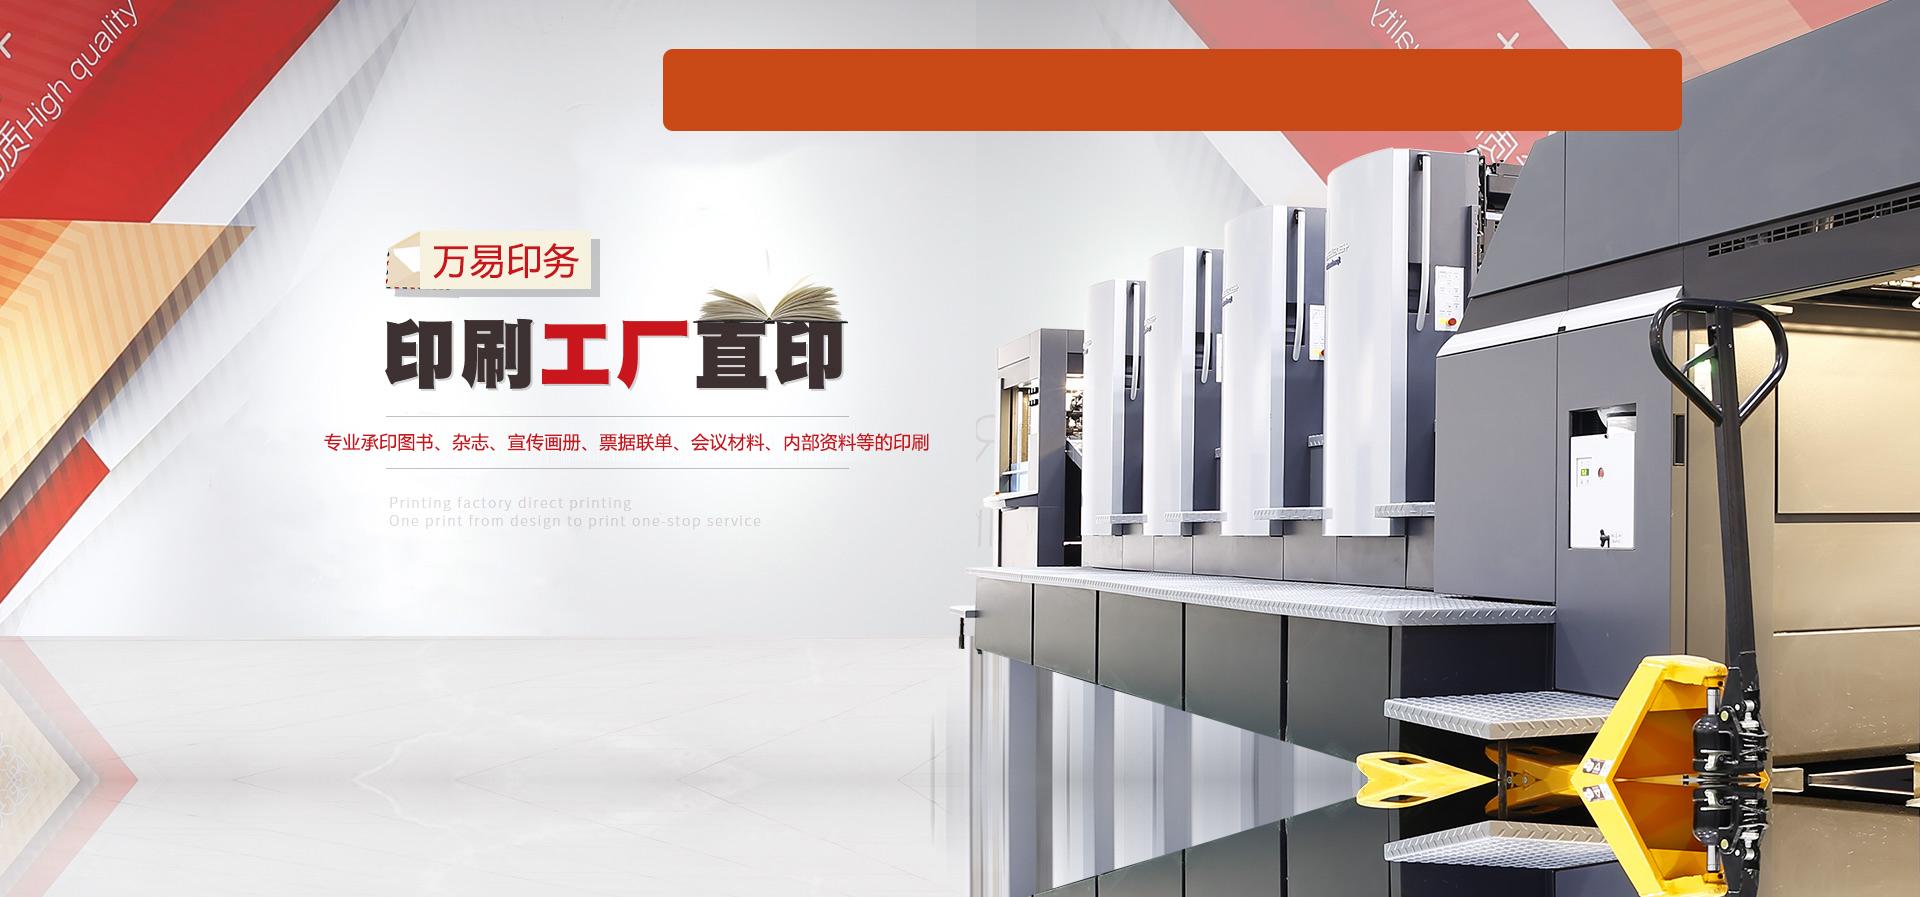 印前图像处理技术:印刷厂使用的技术之一